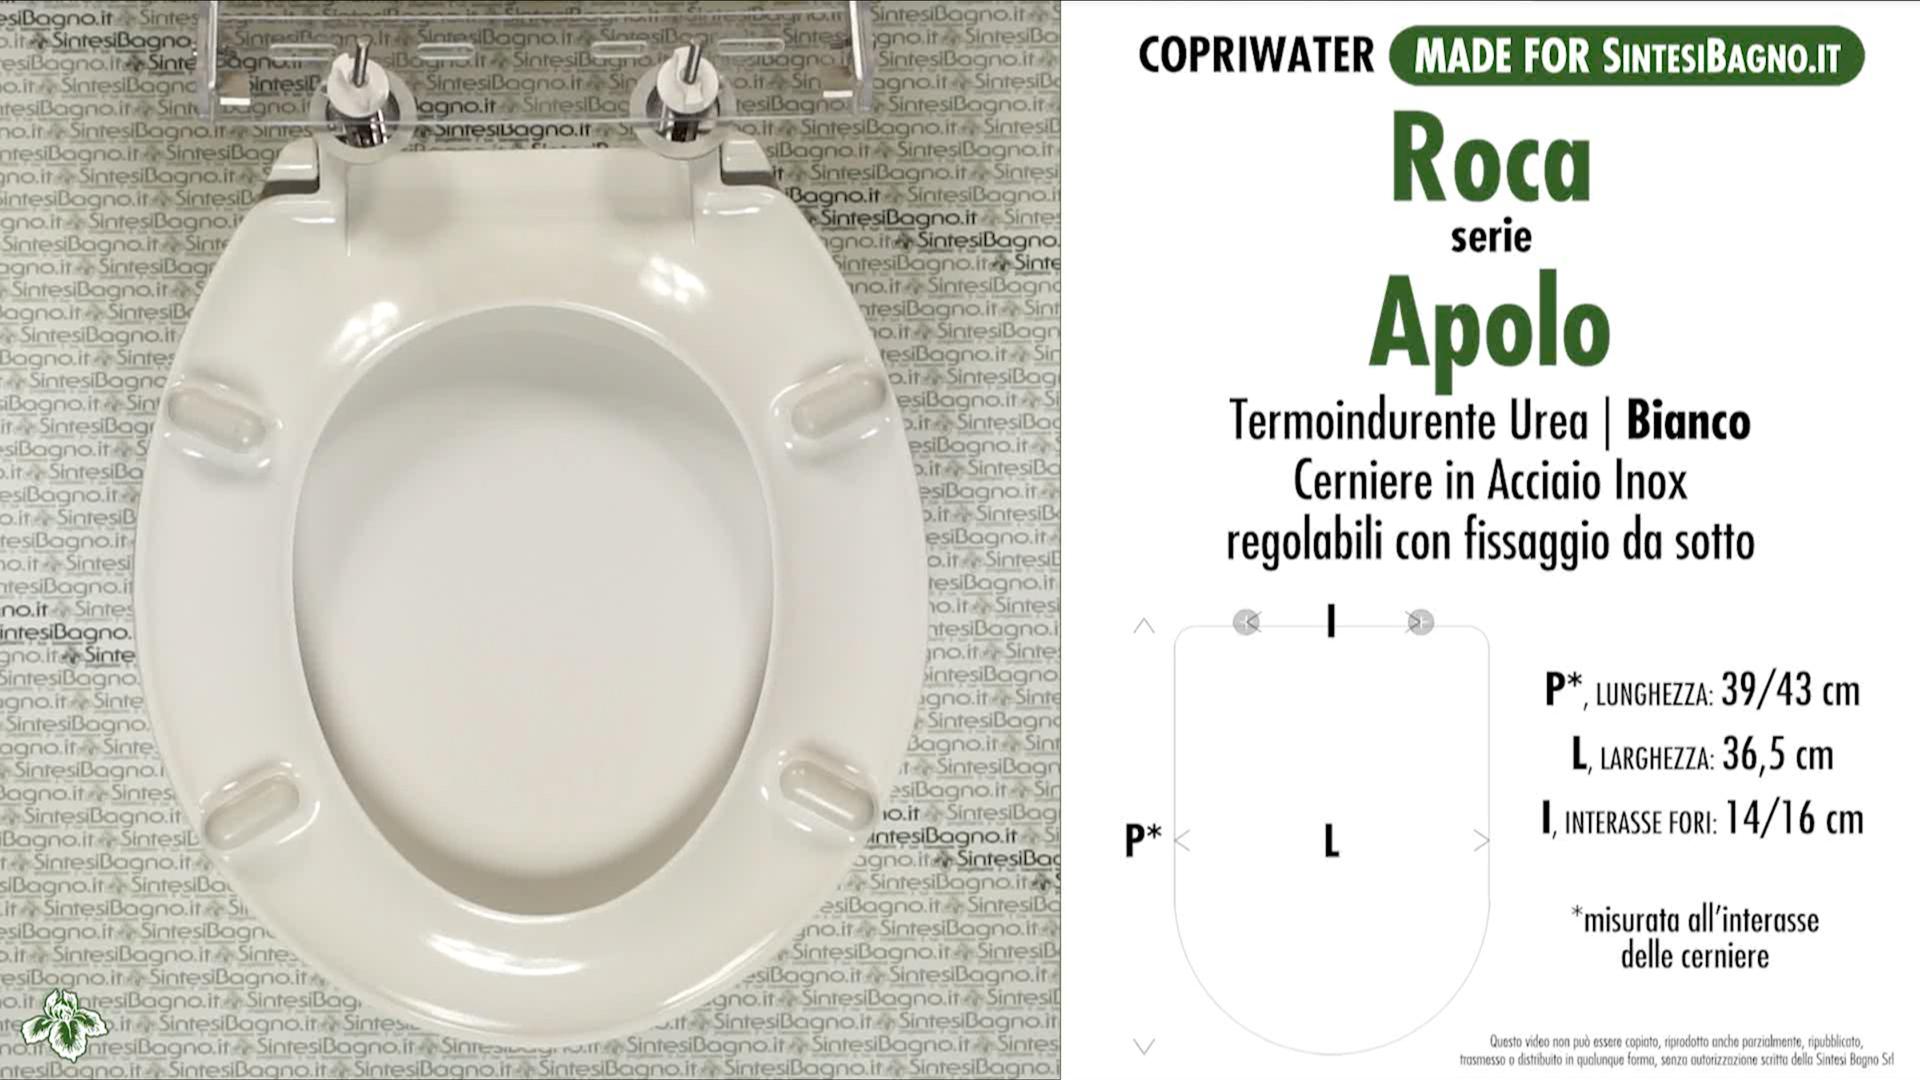 SCHEDA TECNICA MISURE copriwater ROCA APOLO